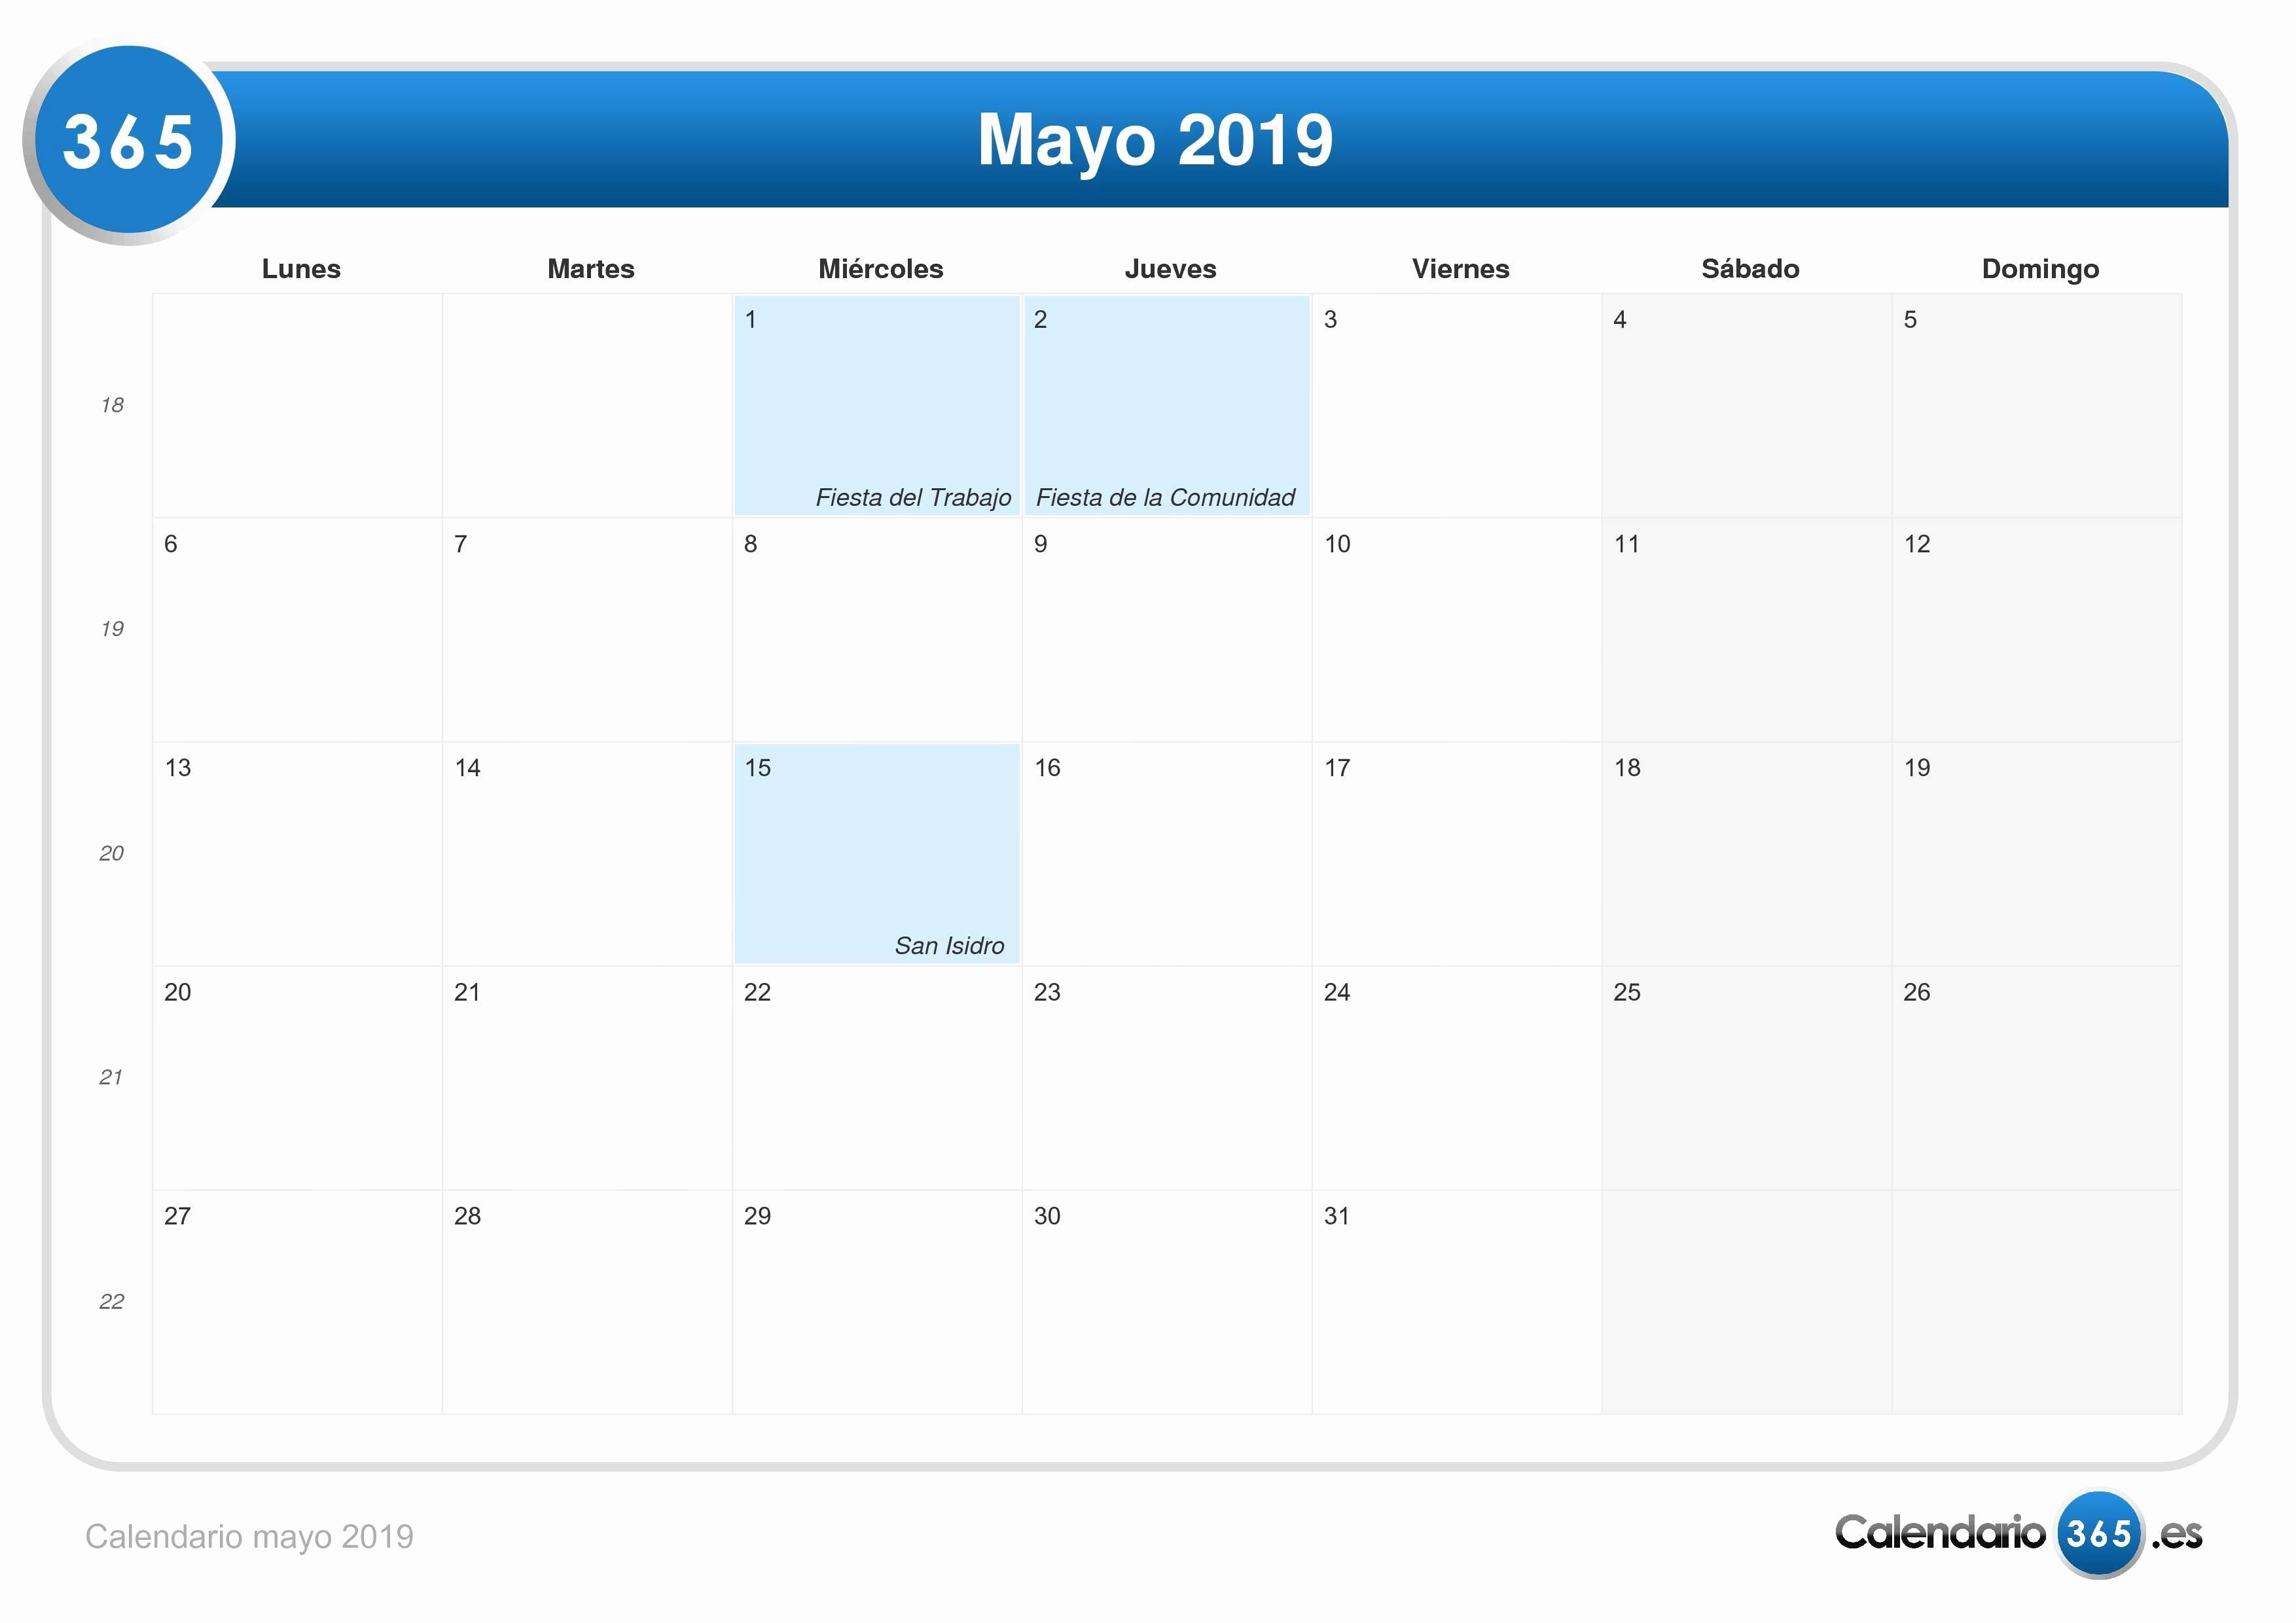 Calendario 2017 Para Imprimir Con Feriados Colombia Recientes De Lujo 51 Ejemplos Festivos 2019 Of Calendario 2017 Para Imprimir Con Feriados Colombia Más Actual Calendrio Lunar 2018 Fases Da Lua 2018 Ideinhas Diy T